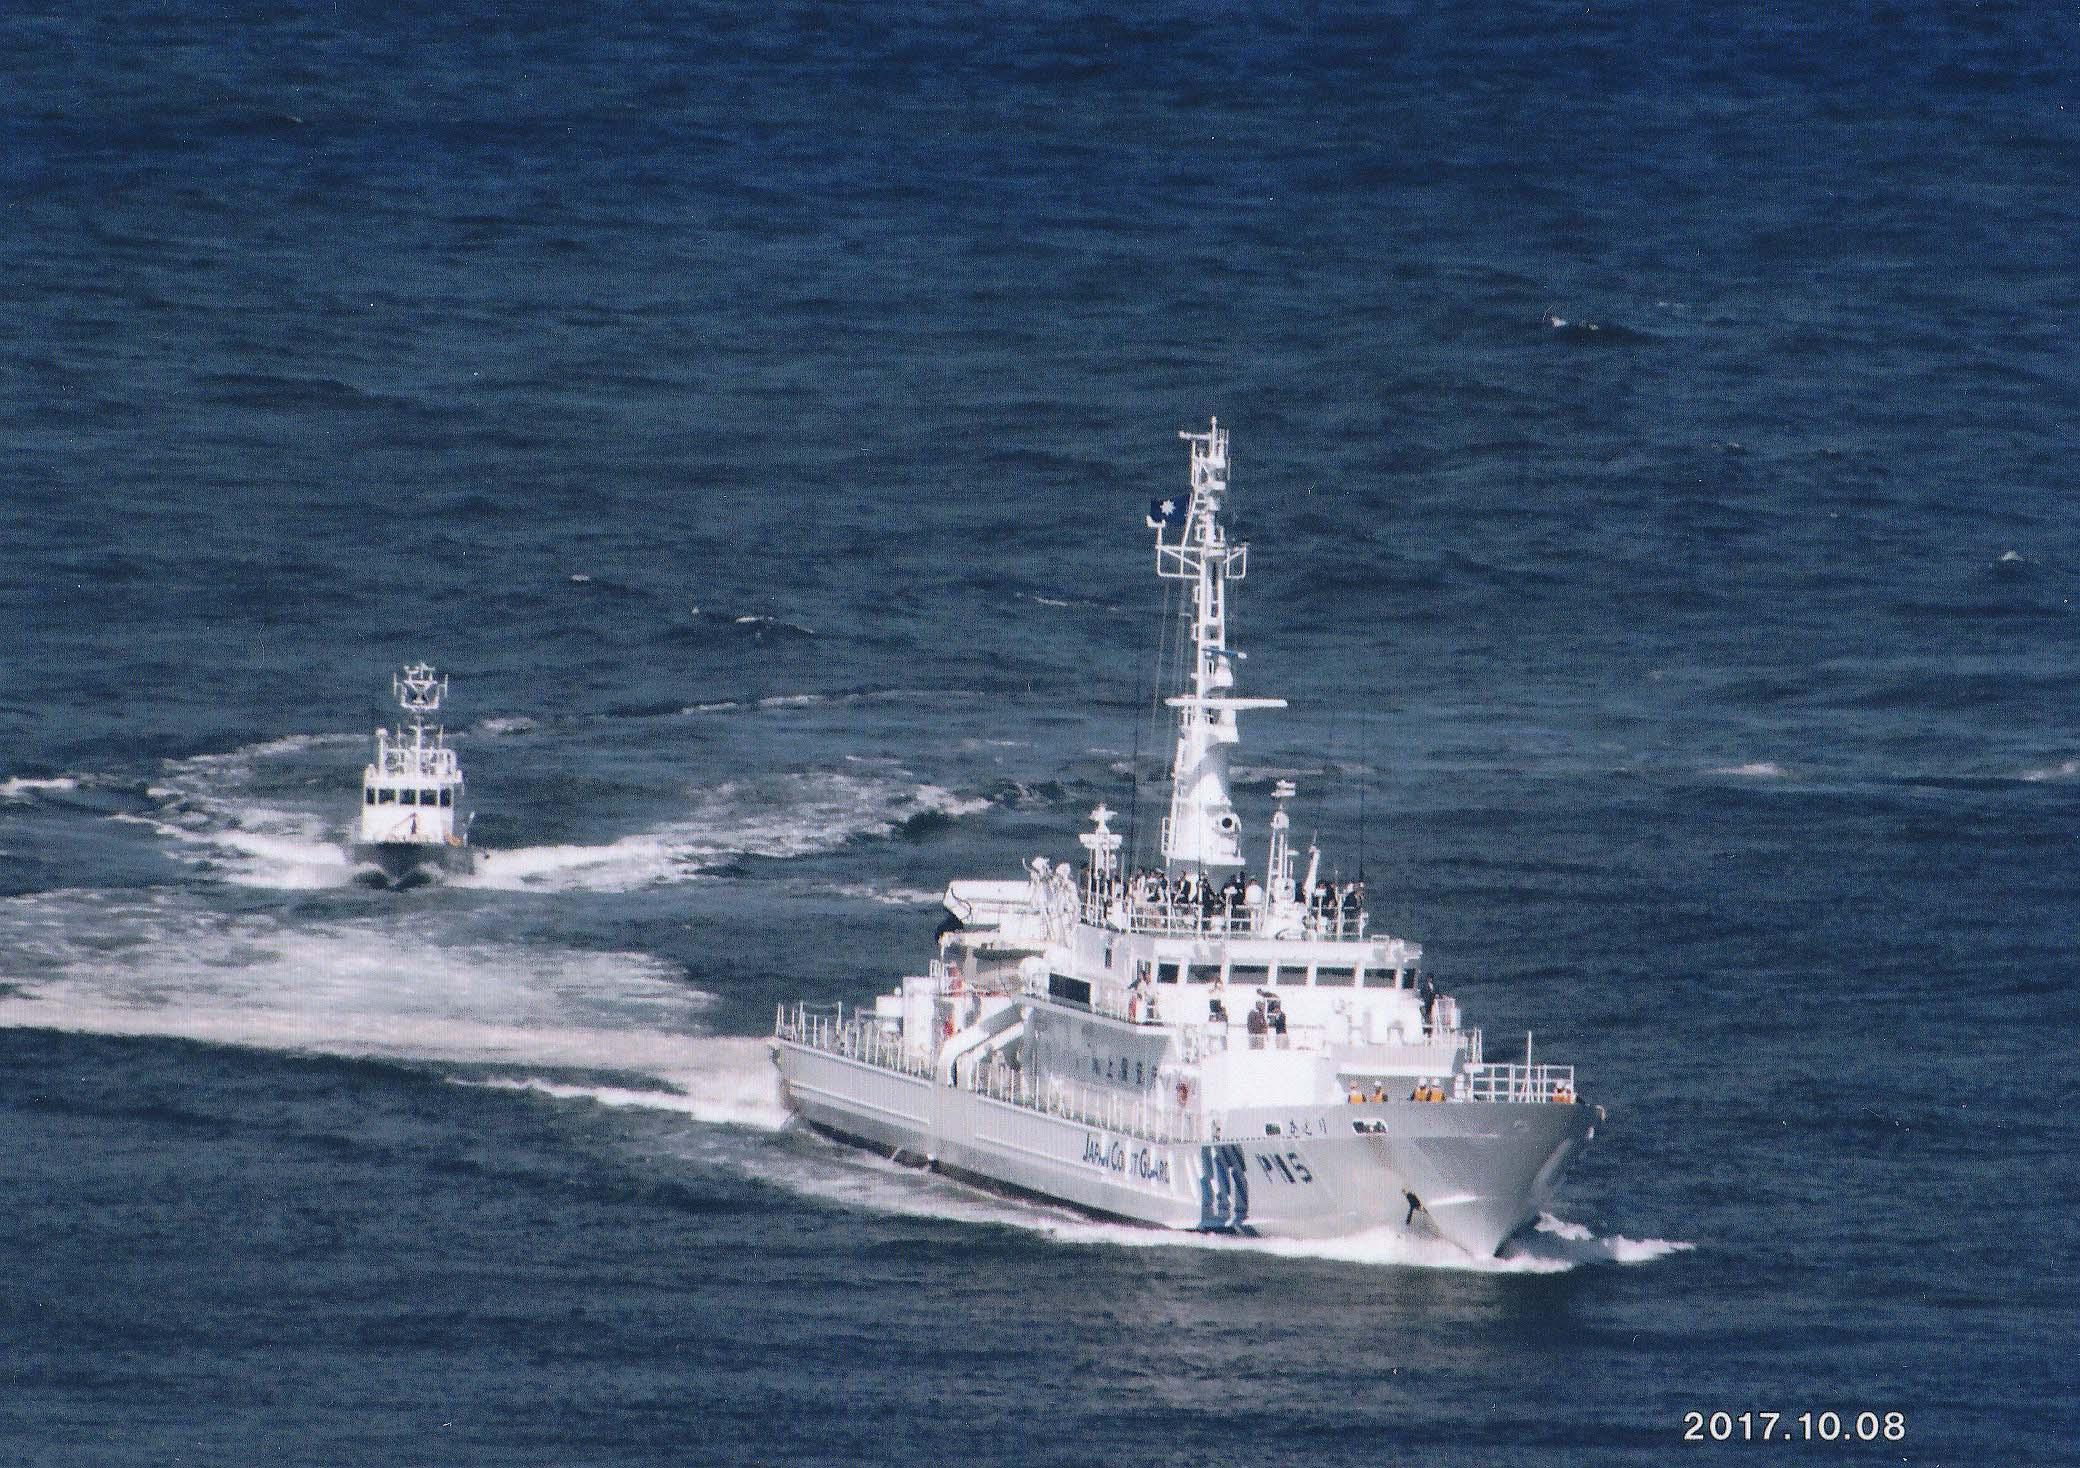 巡視船「かとり」に体験乗船:M5年テーボル号が碇泊したのもこのあたりか?